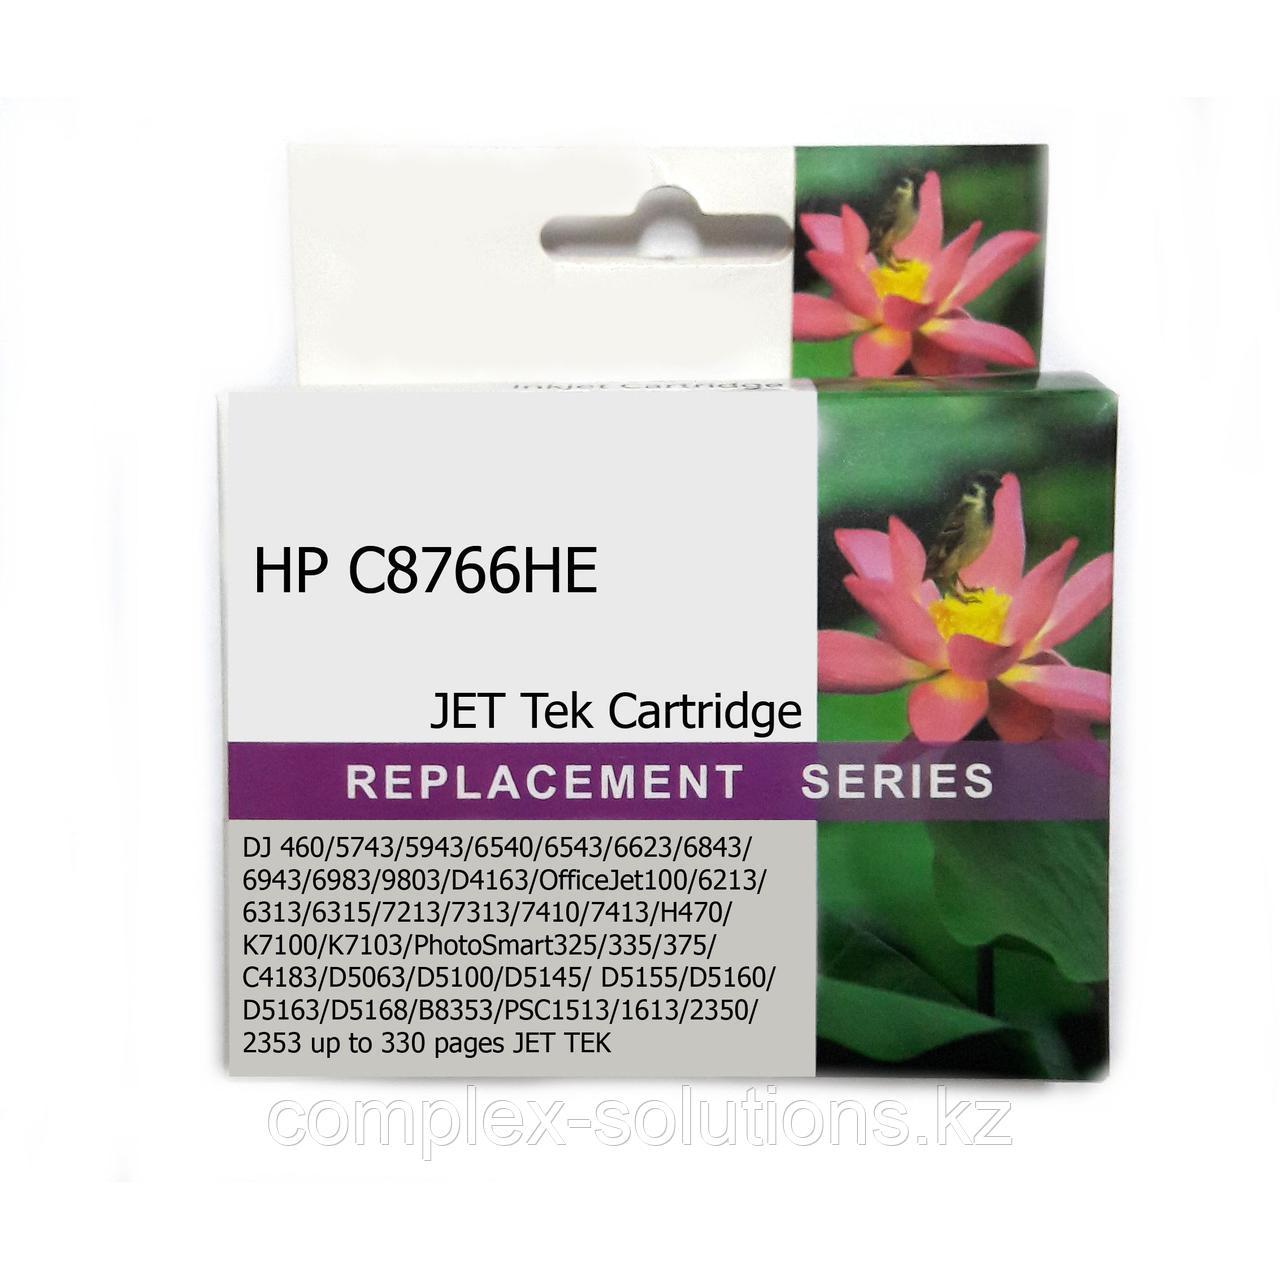 Картридж HP C8766HE Tri-color ,№135 JET TEK   [качественный дубликат]